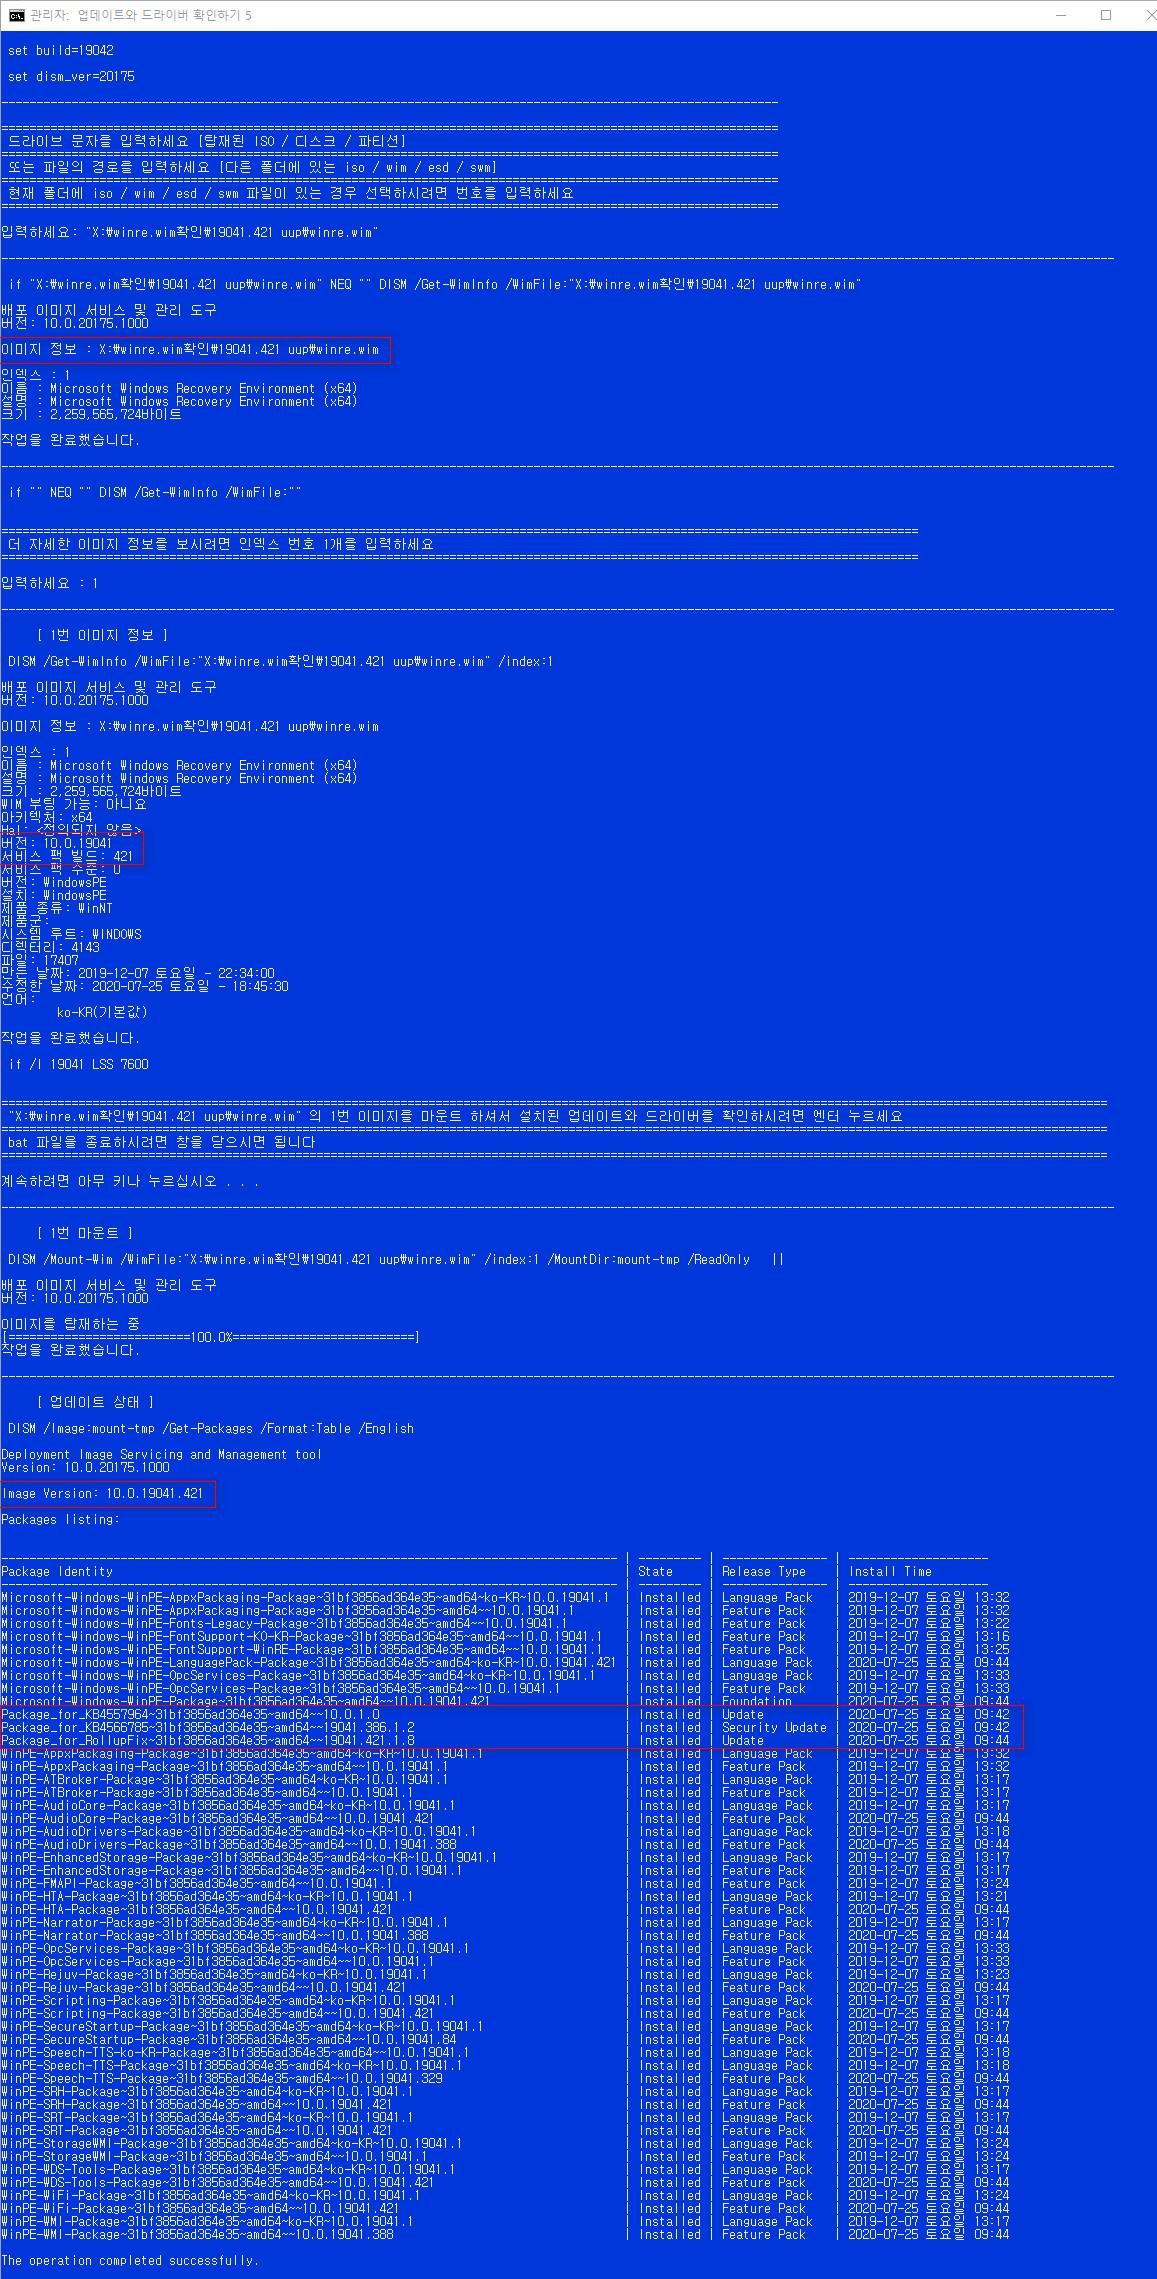 Win10XPE7x으로 PE 만들 때 Windows 10 버전 2004, 19041빌드 msdn이 문제가 생긴 이유는 winre.wim으로 PE를 만드는데 여기에는 누적 업데이트가 통합되어 있지 않아서 그렇습니다-uup는 winre.wim에도 누적 업데이트 통합되어 있습니다 2020-07-25_210750.jpg